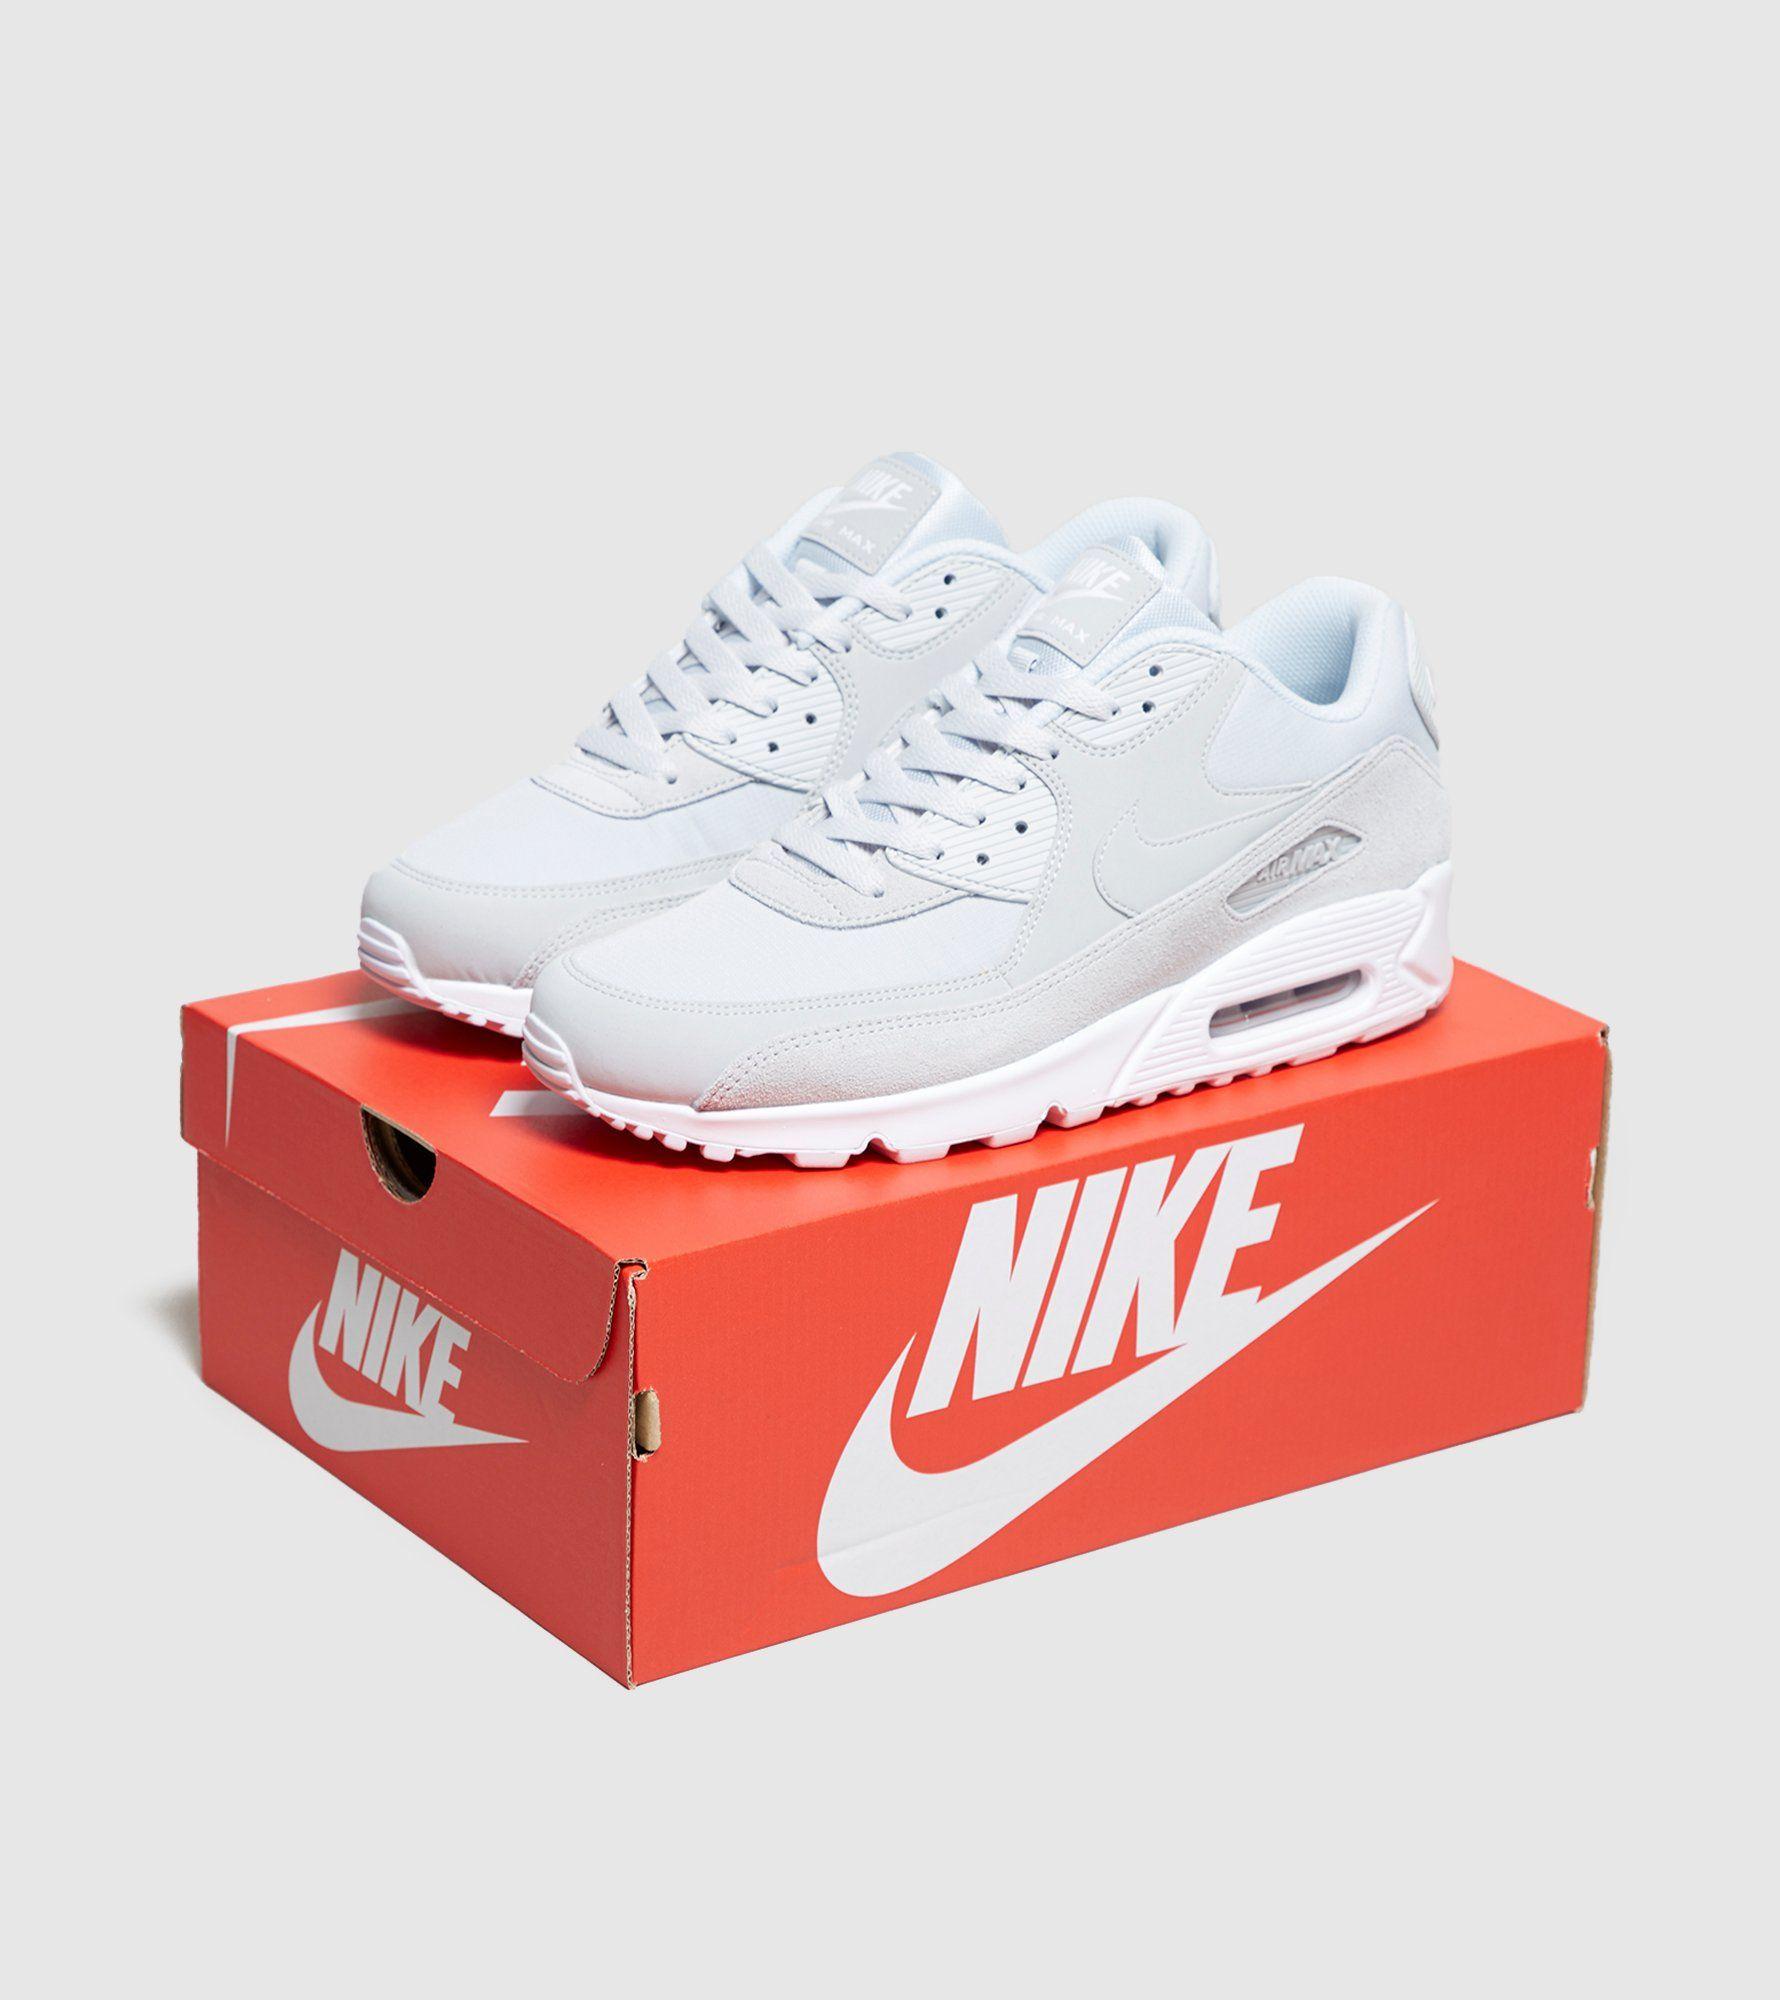 Nike Air Max 90 Essential